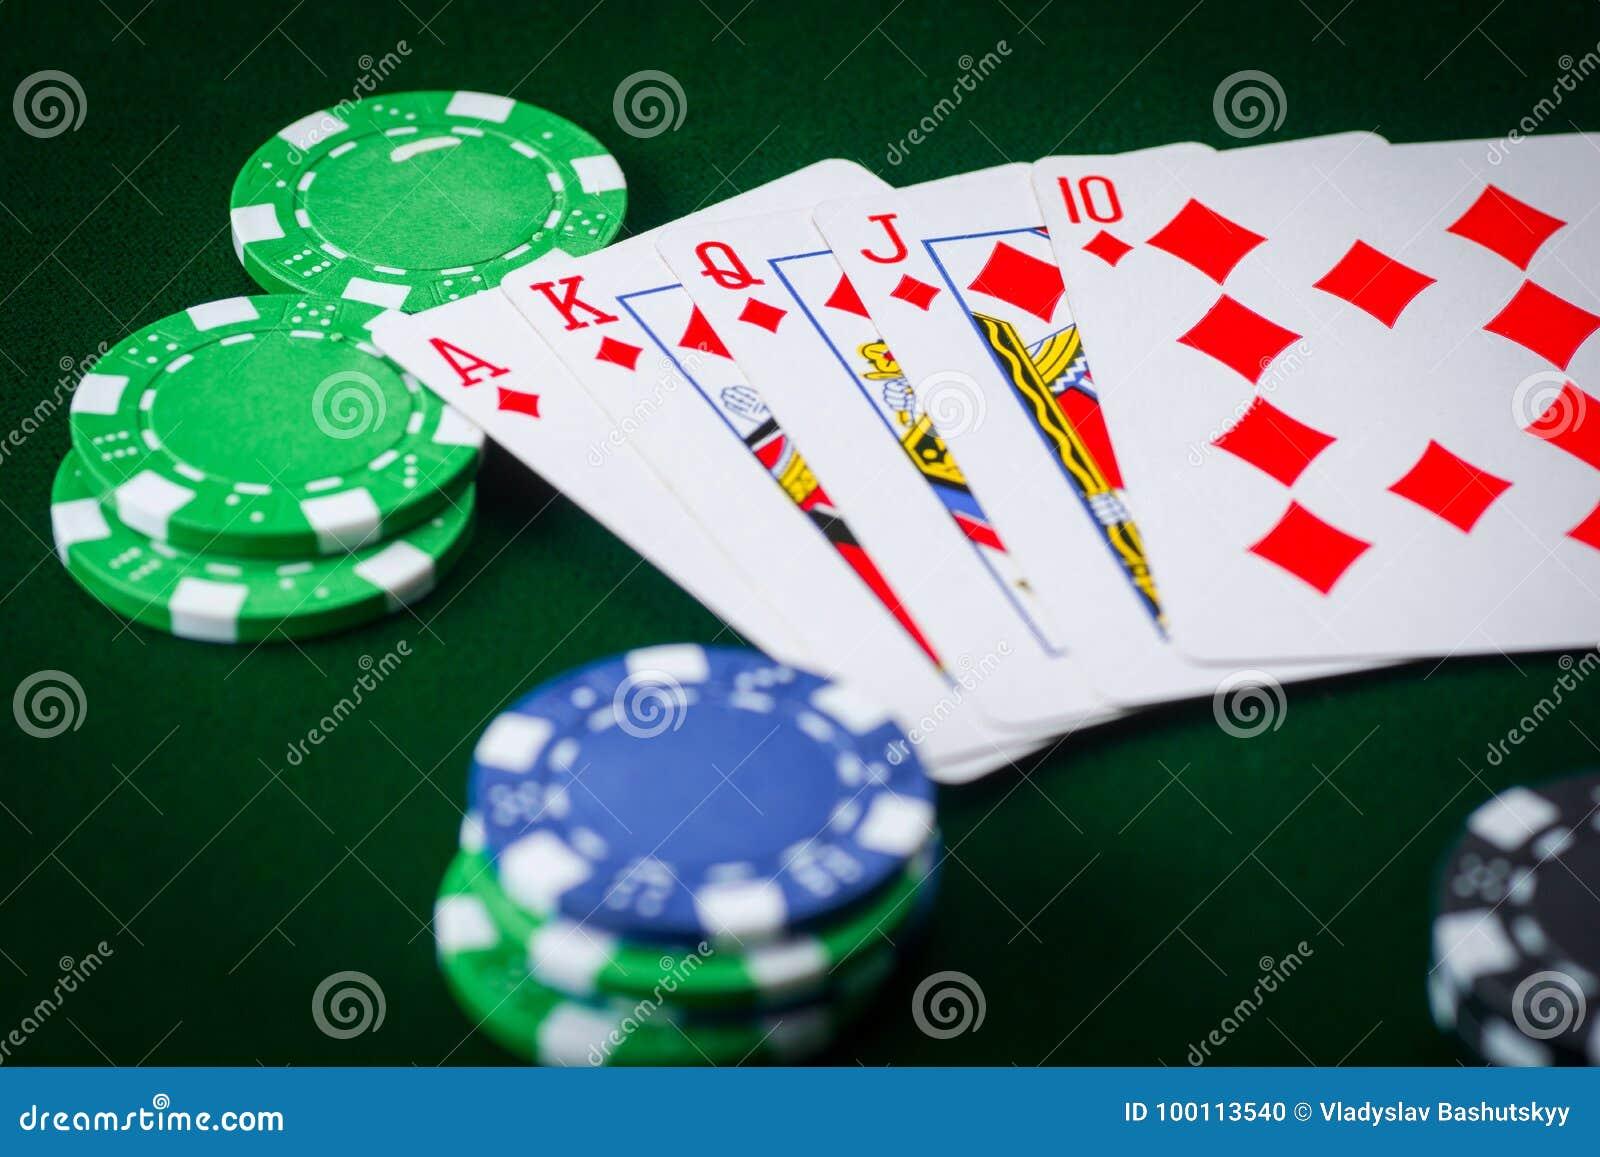 Бесплатные флэш казино выигрываю в онлайн казино